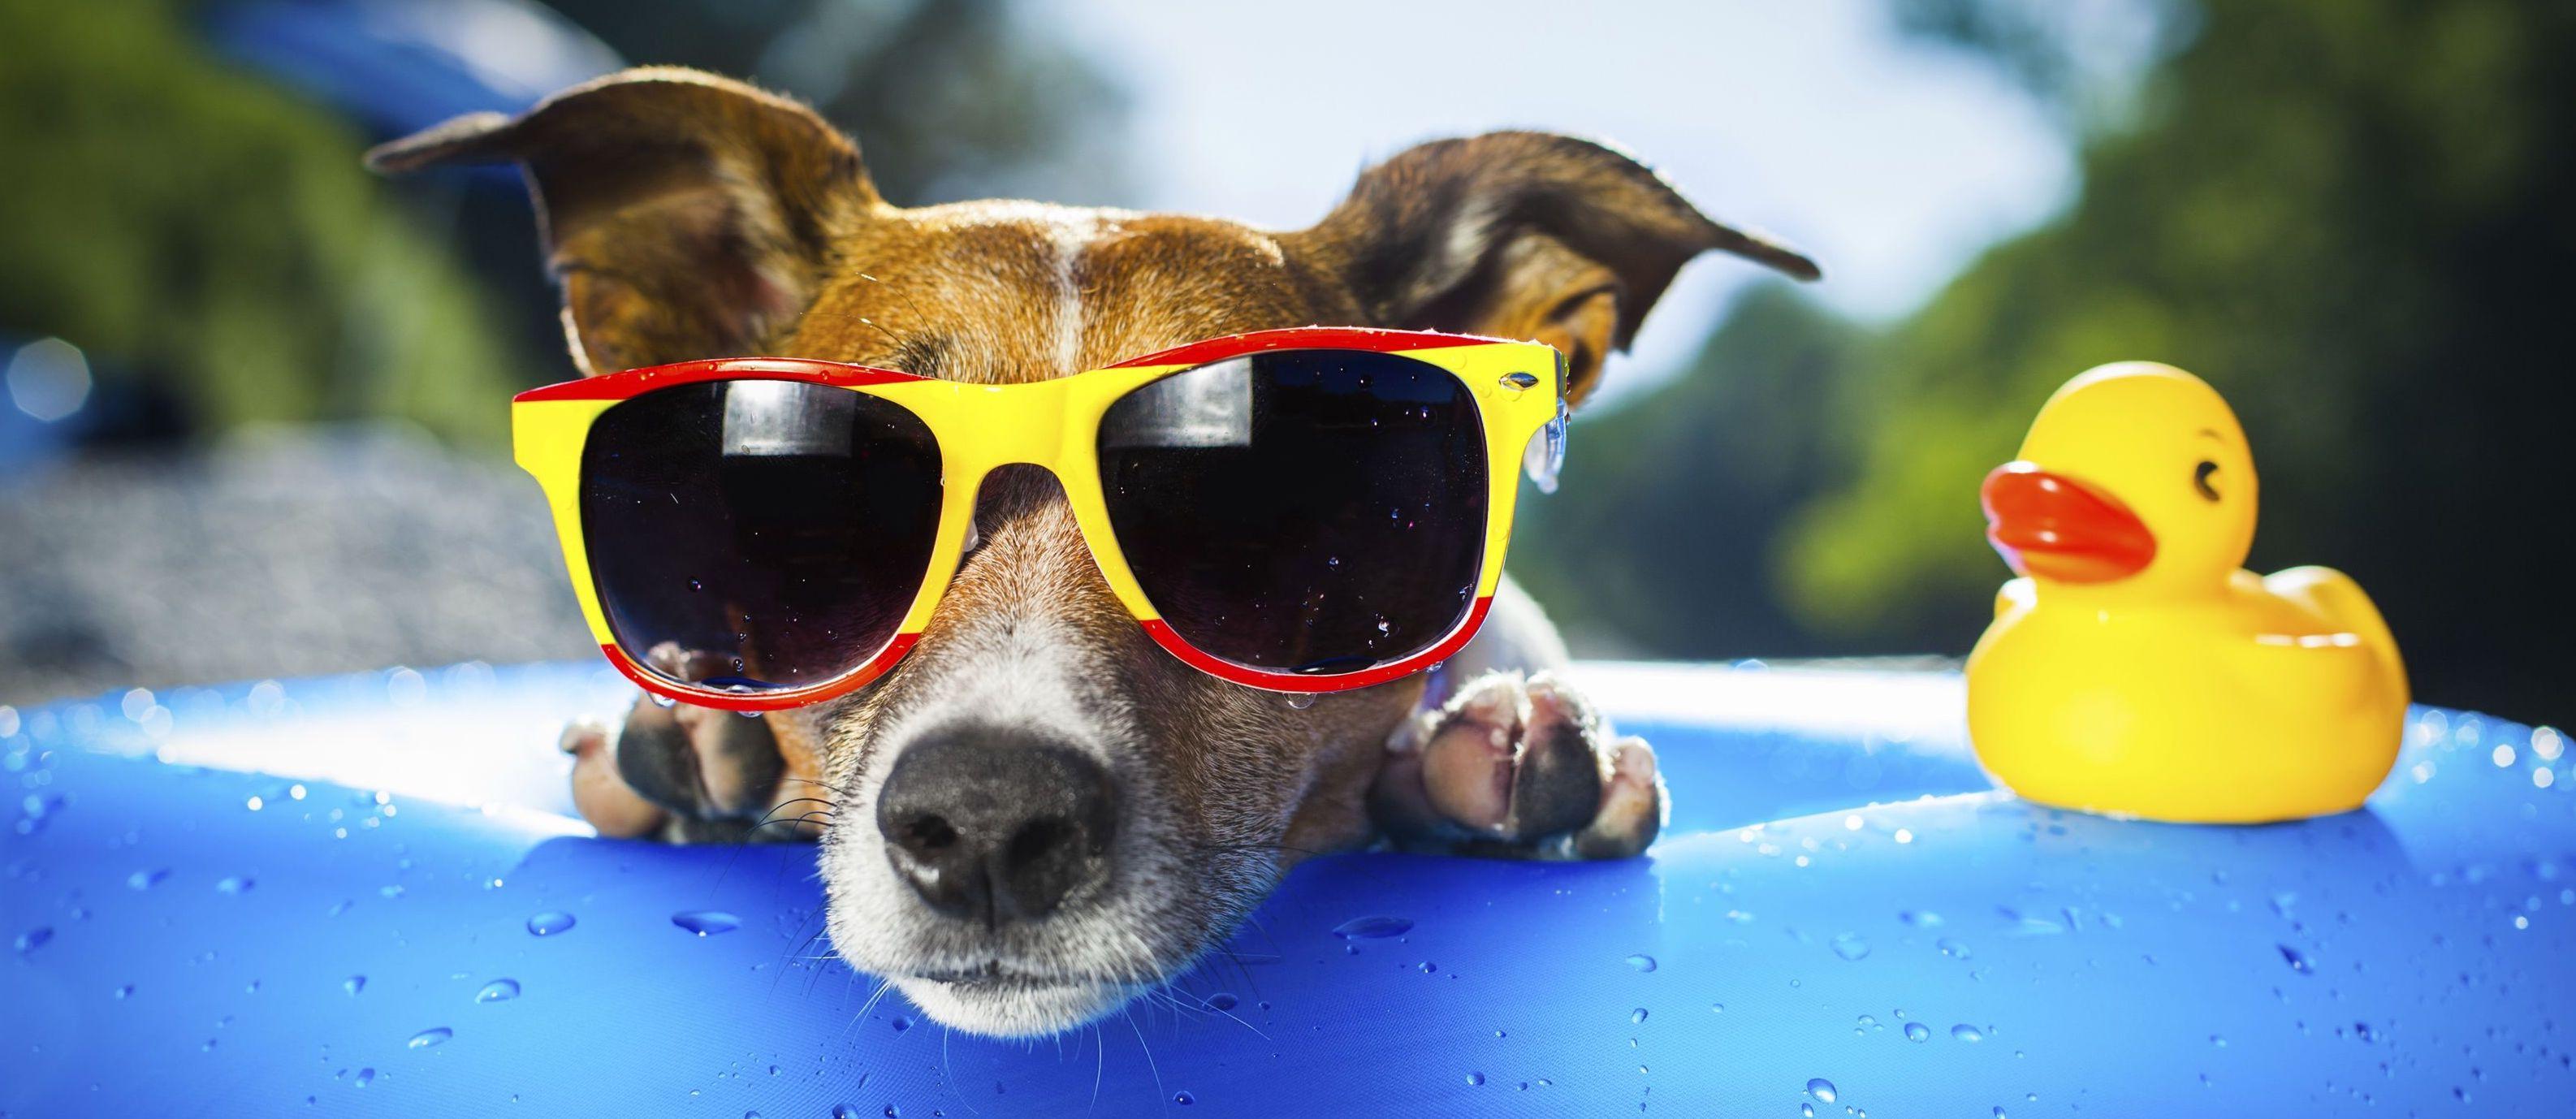 """Hund mit Sonnenbrille passend zum Thema """"Hund abkühlen"""""""